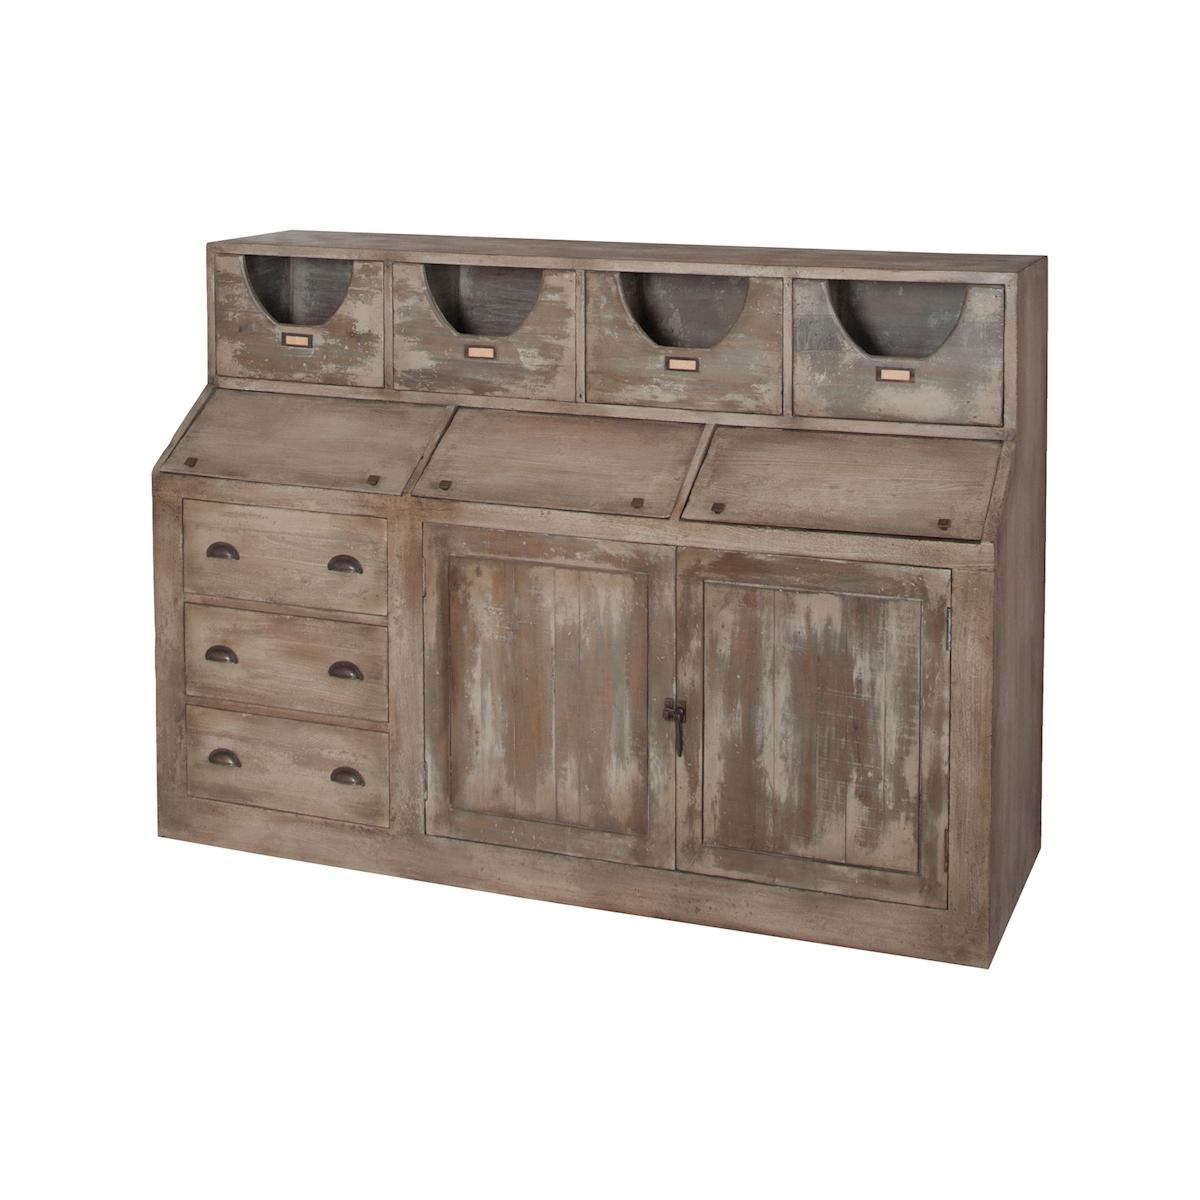 Kitchen Storage Cabinet | Elk Home